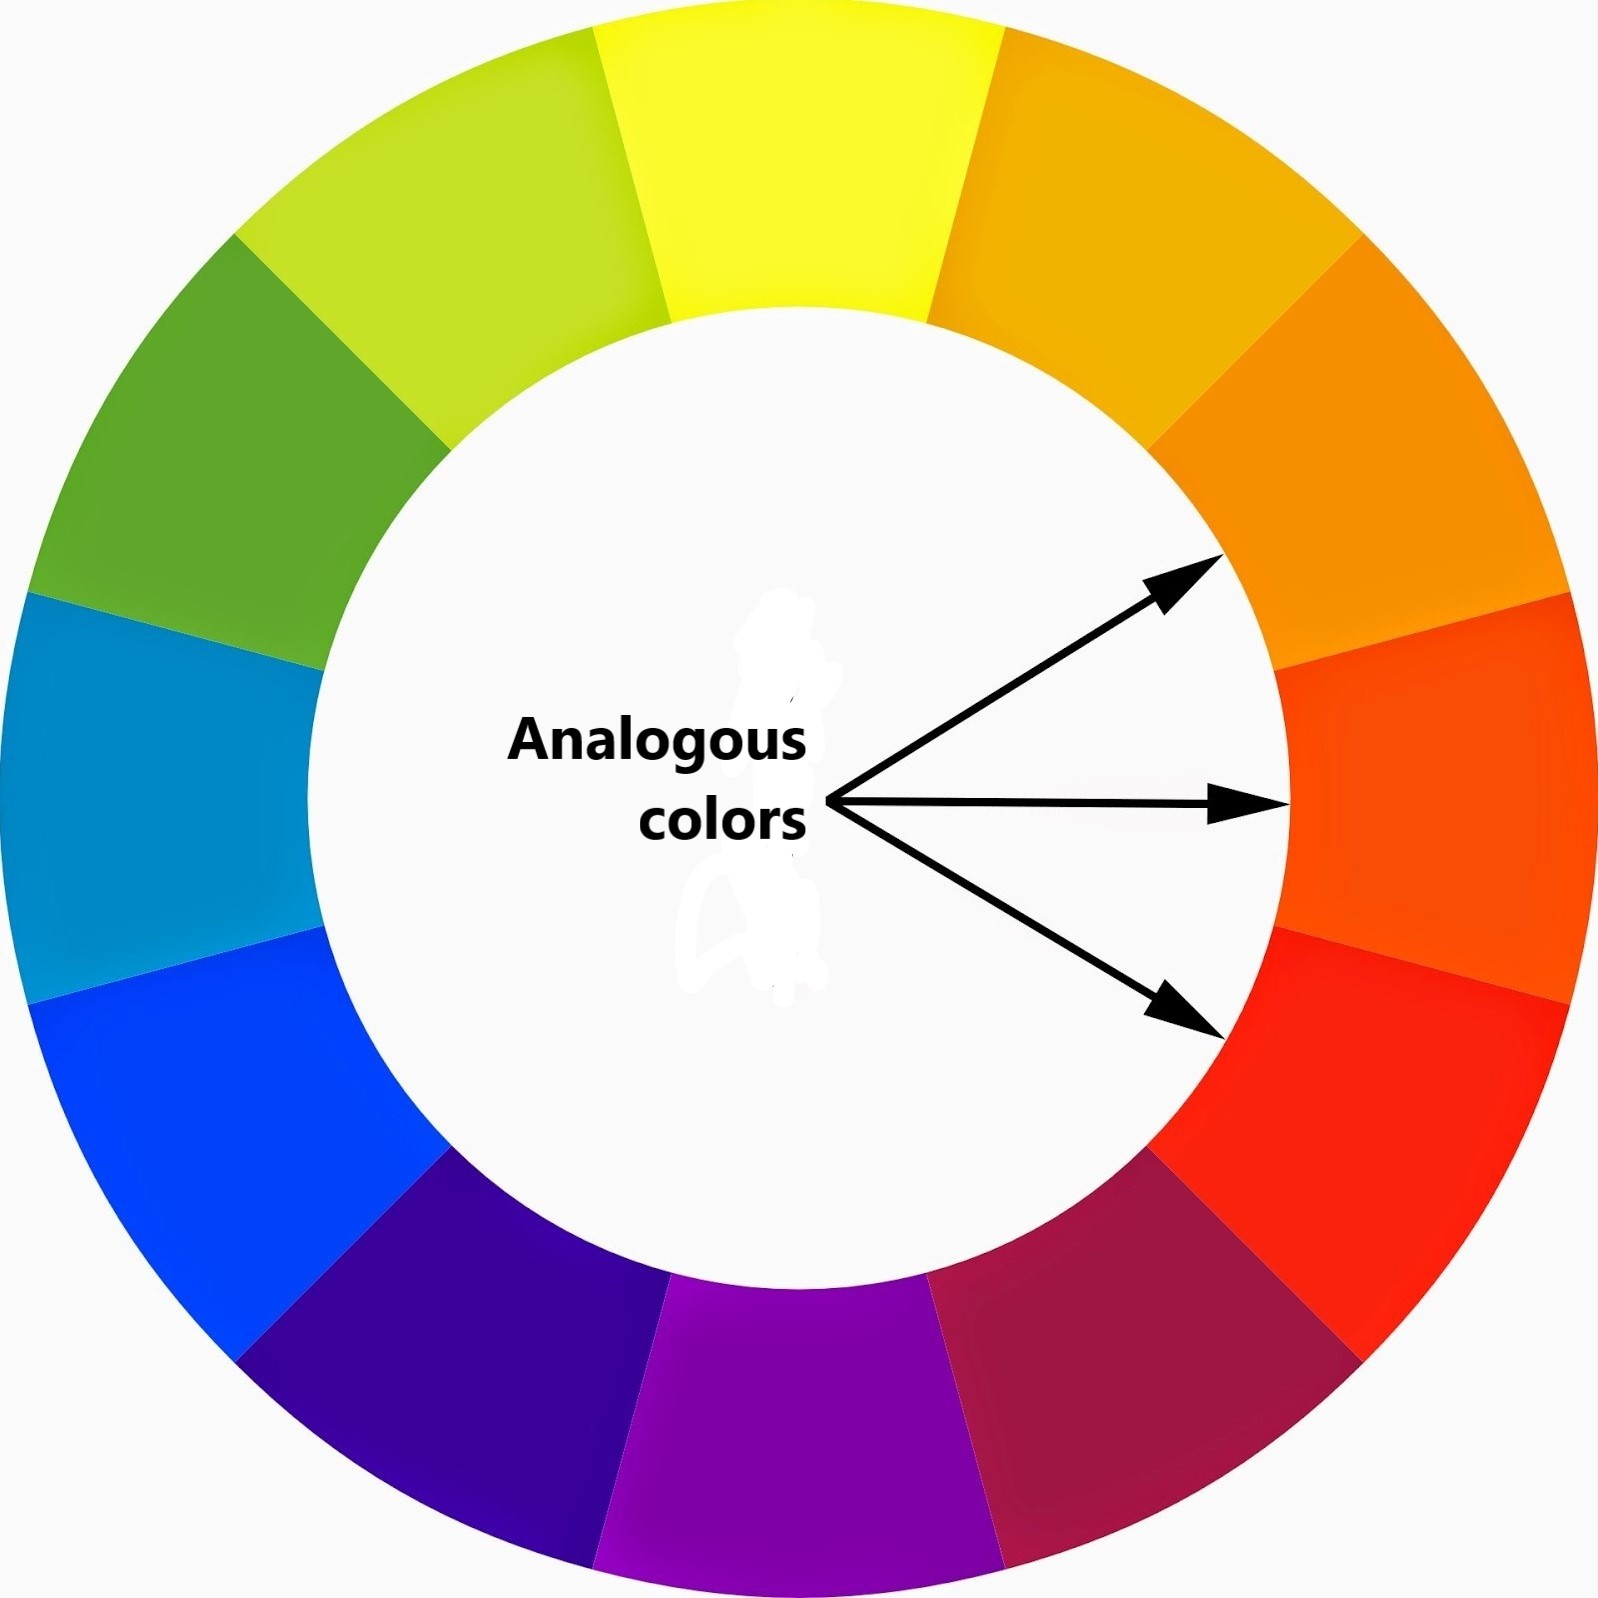 2 InkedAnalogous colors_LI with text.jpg